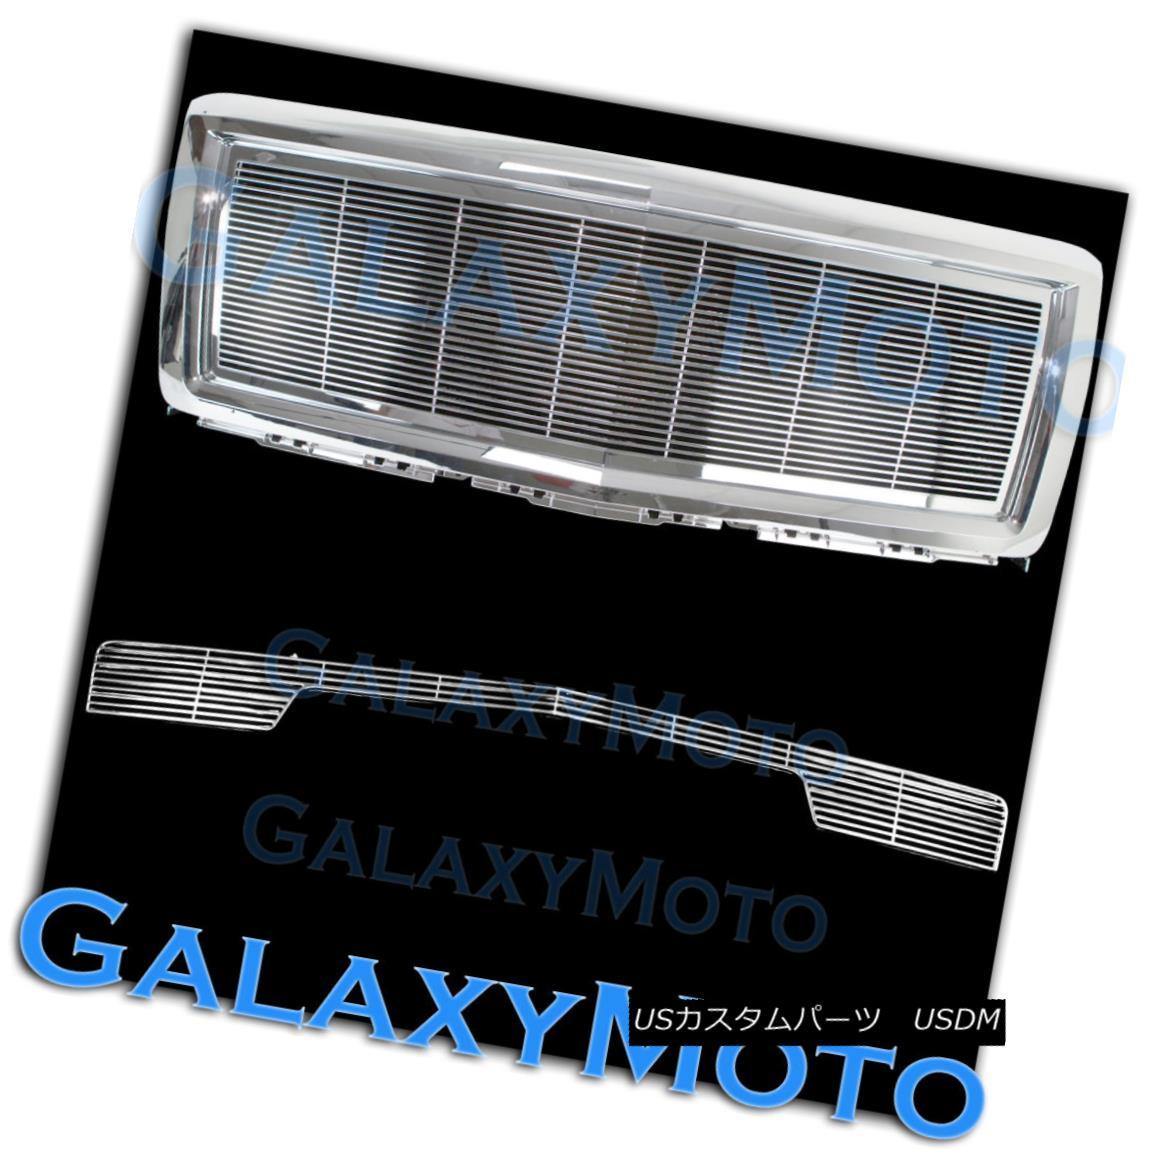 グリル 14-15 Chevy Silverado 1500 Chrome Billet Grille+Bumper NO Tow+Replacement+Shell 14-15 Chevy Silverado 1500クロム・ビレット・グリル+バンパー無し+代替品 t + Shell